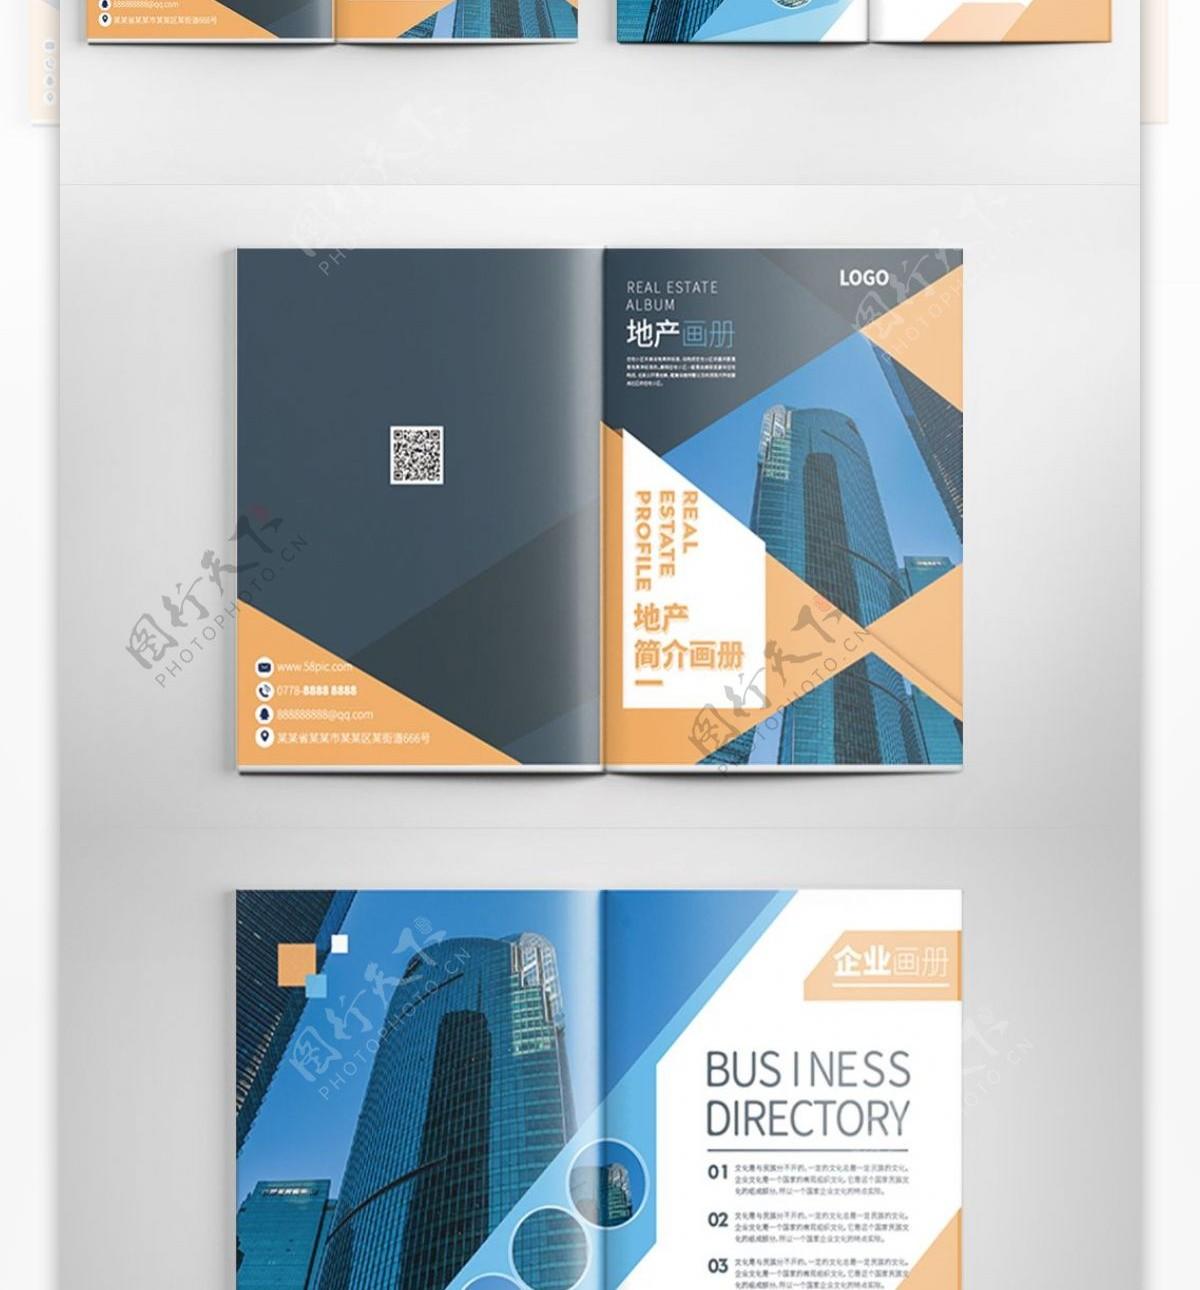 创意简约地产商务画册